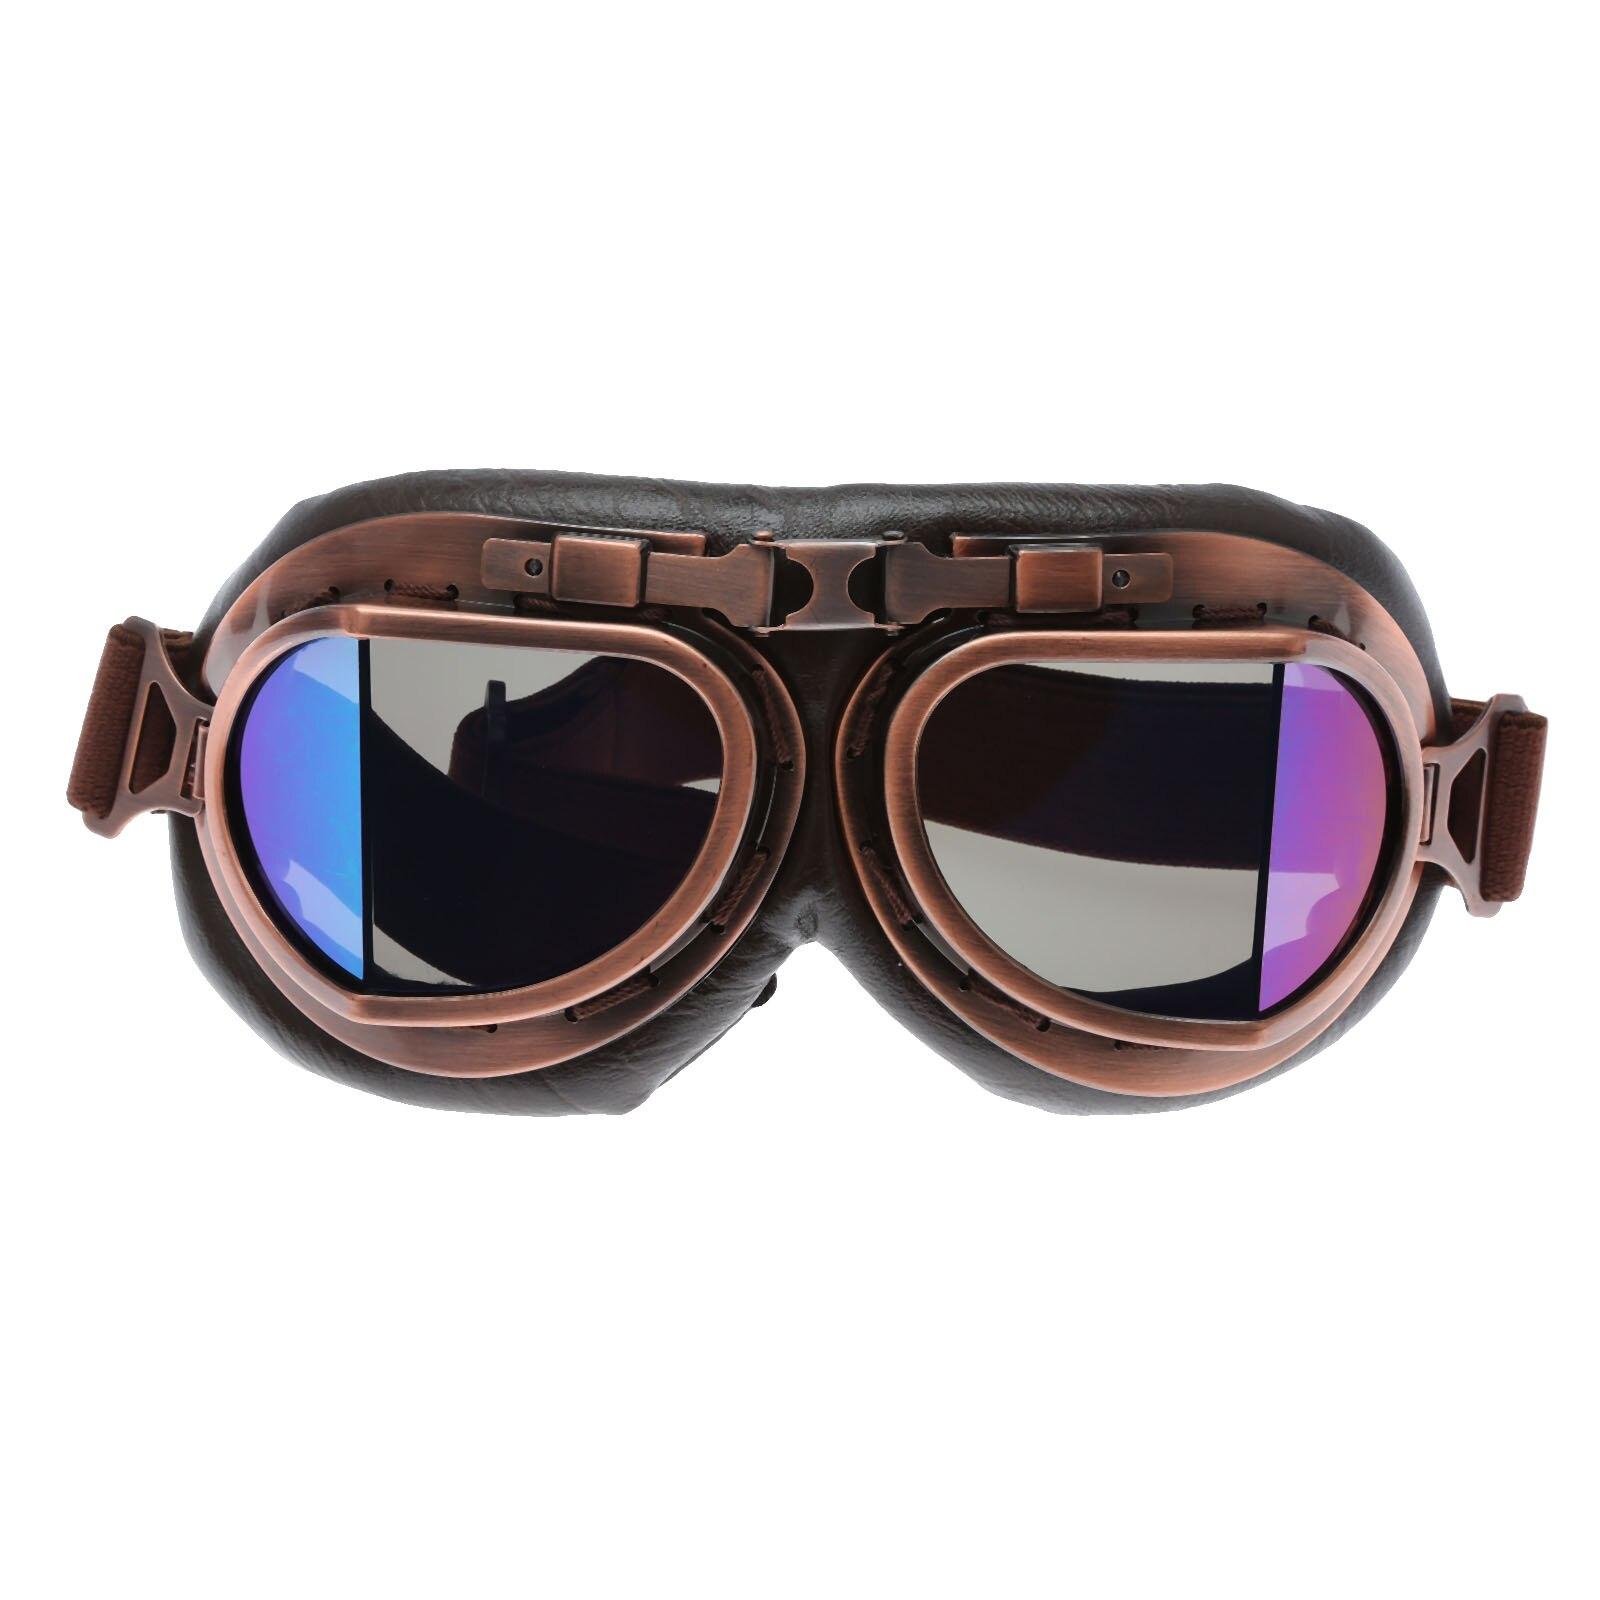 41b8fb015 Óculos de Proteção da motocicleta Retro Aviator Pilot Cruiser Steampunk  Óculos de Motocross Clássico UTV ATV Bicicleta Da Sujeira Dirtbike  Motocross Óculos